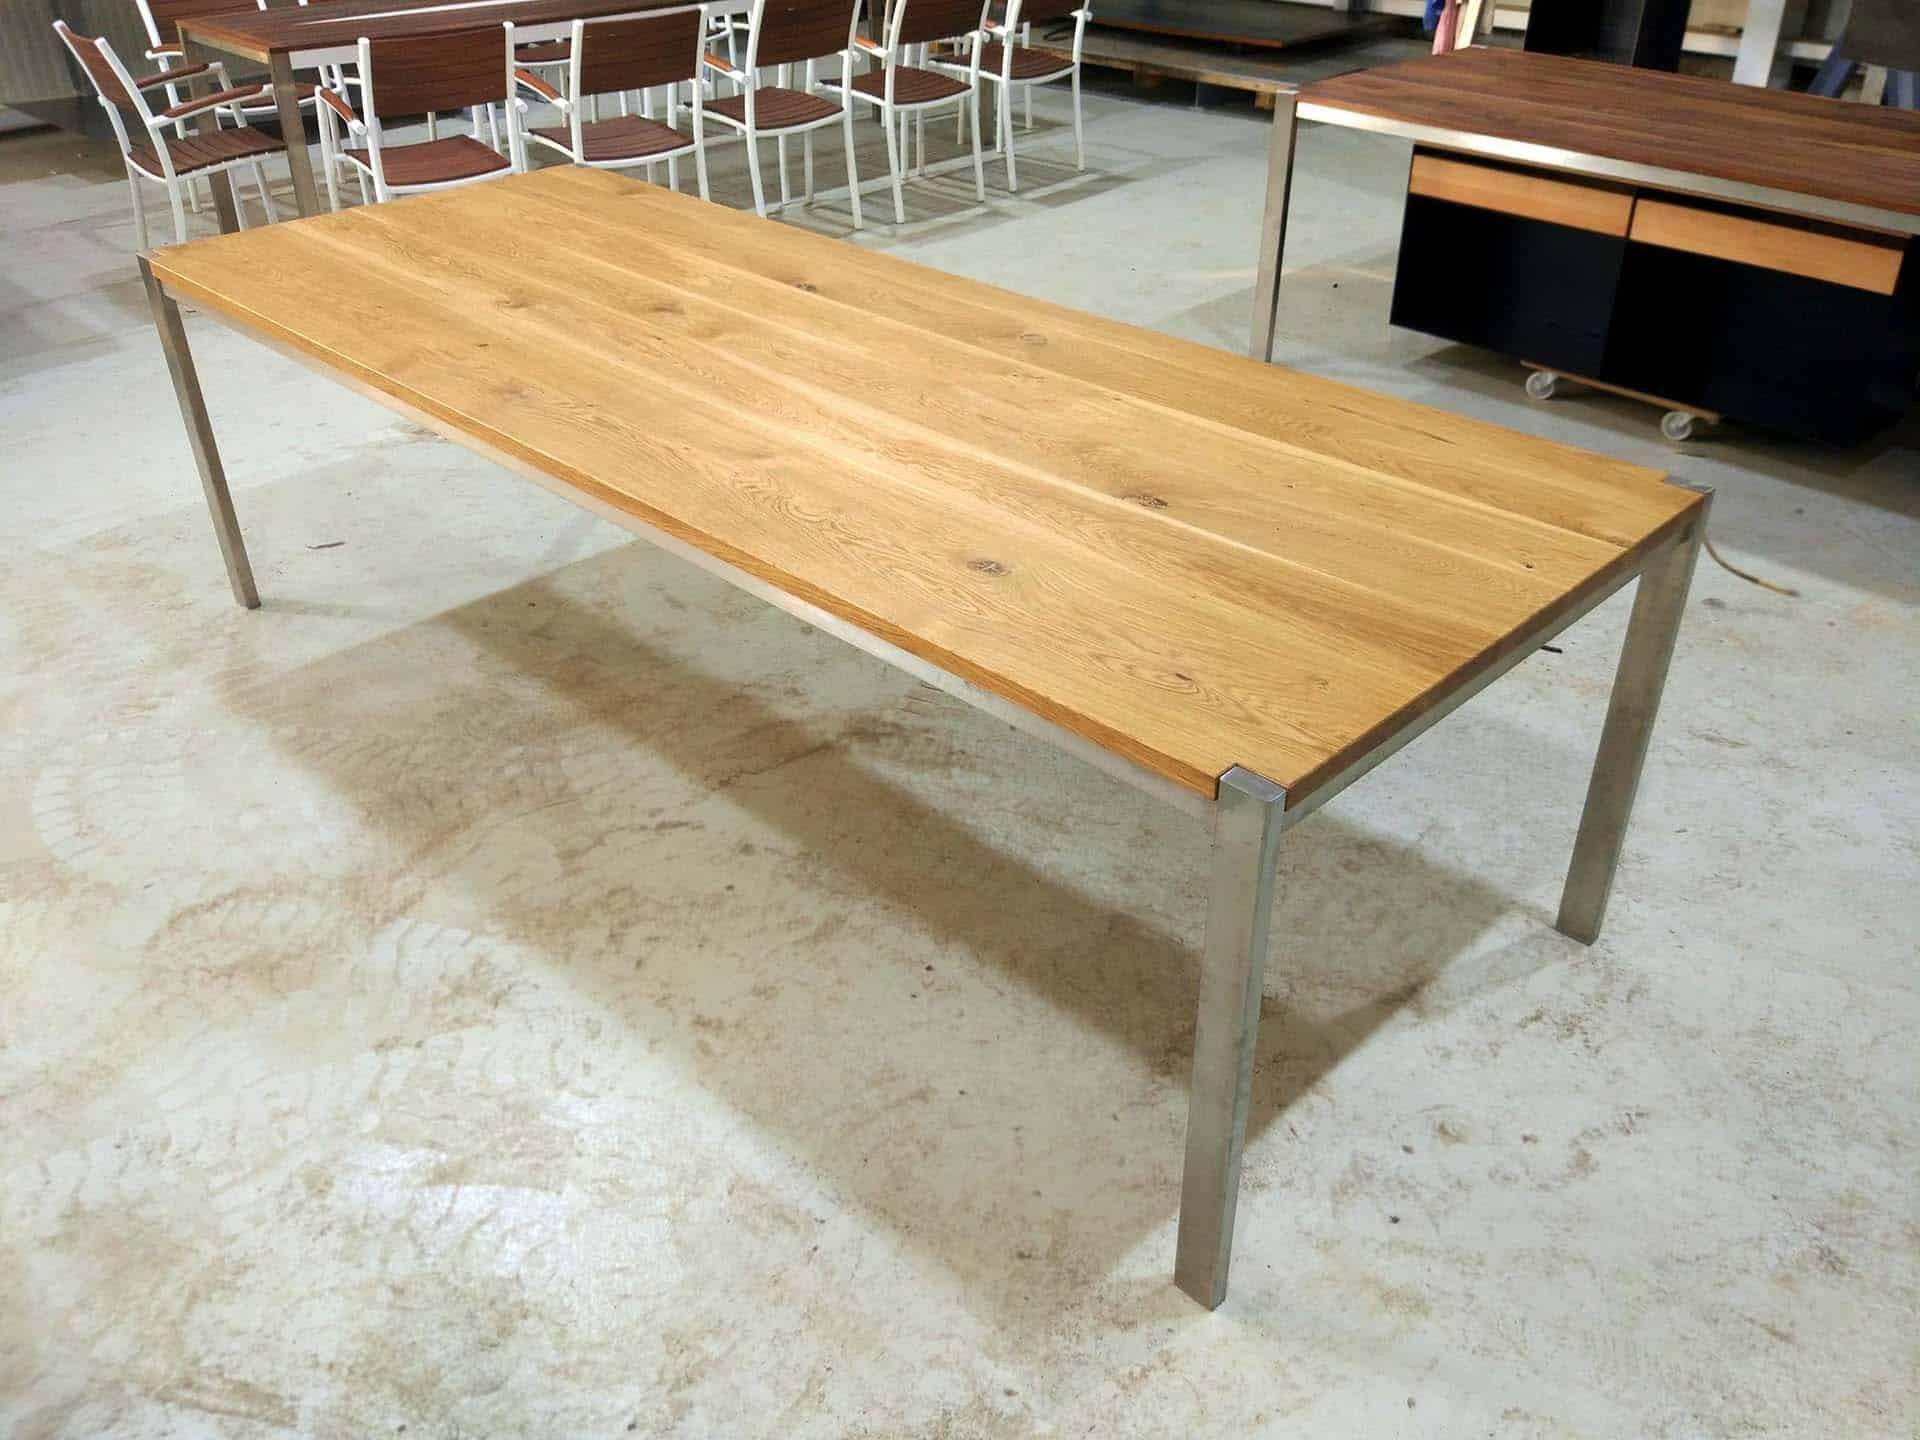 Tisch Ferrum 003 Holz Metall Eiche Esstisch Gartentisch